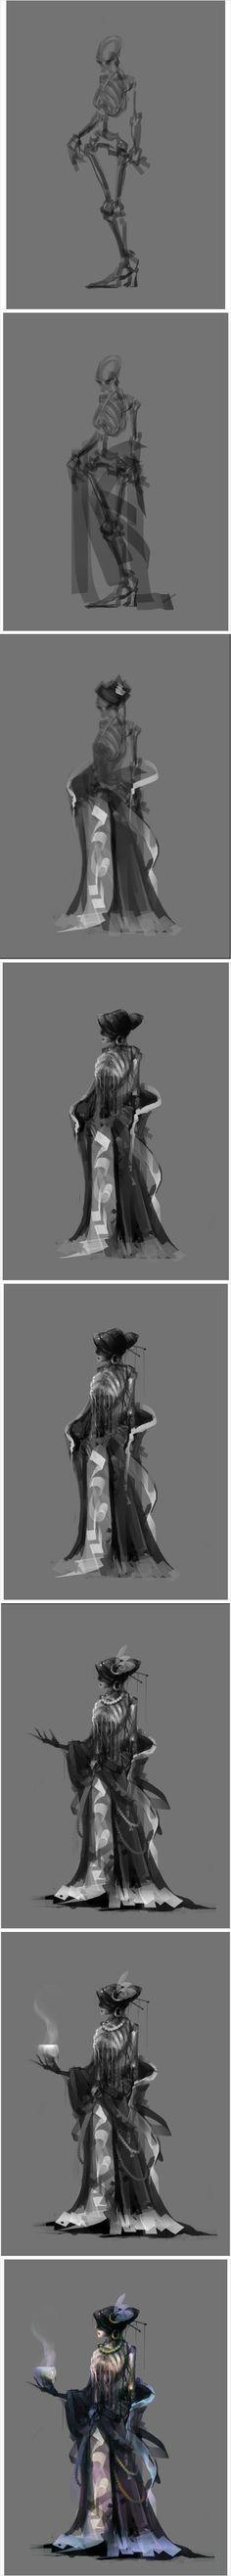 插画家园:这样的绘画步骤很帅~【作者 @...@晓晓空采集到教程(50图)_花瓣插画